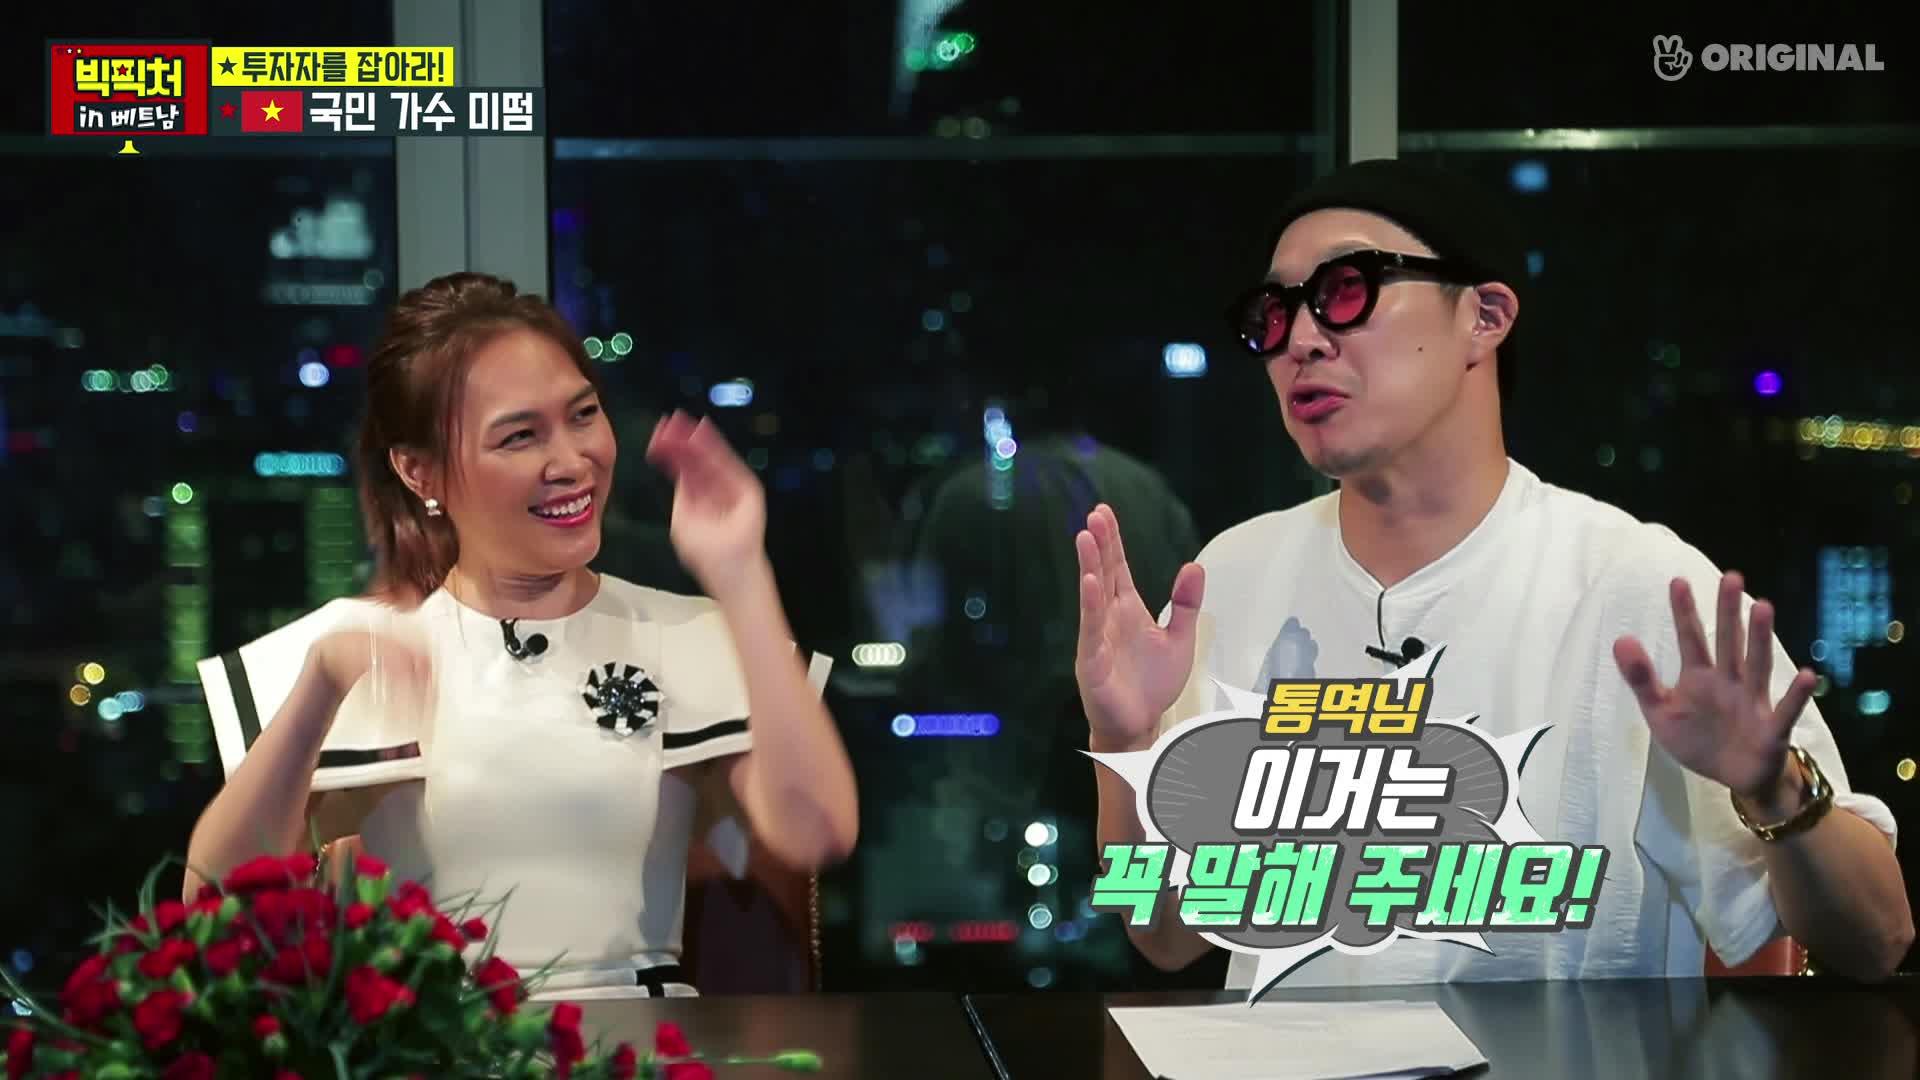 빅픽처 스페셜시즌 EP49_배트남 이선희를 만나다!?